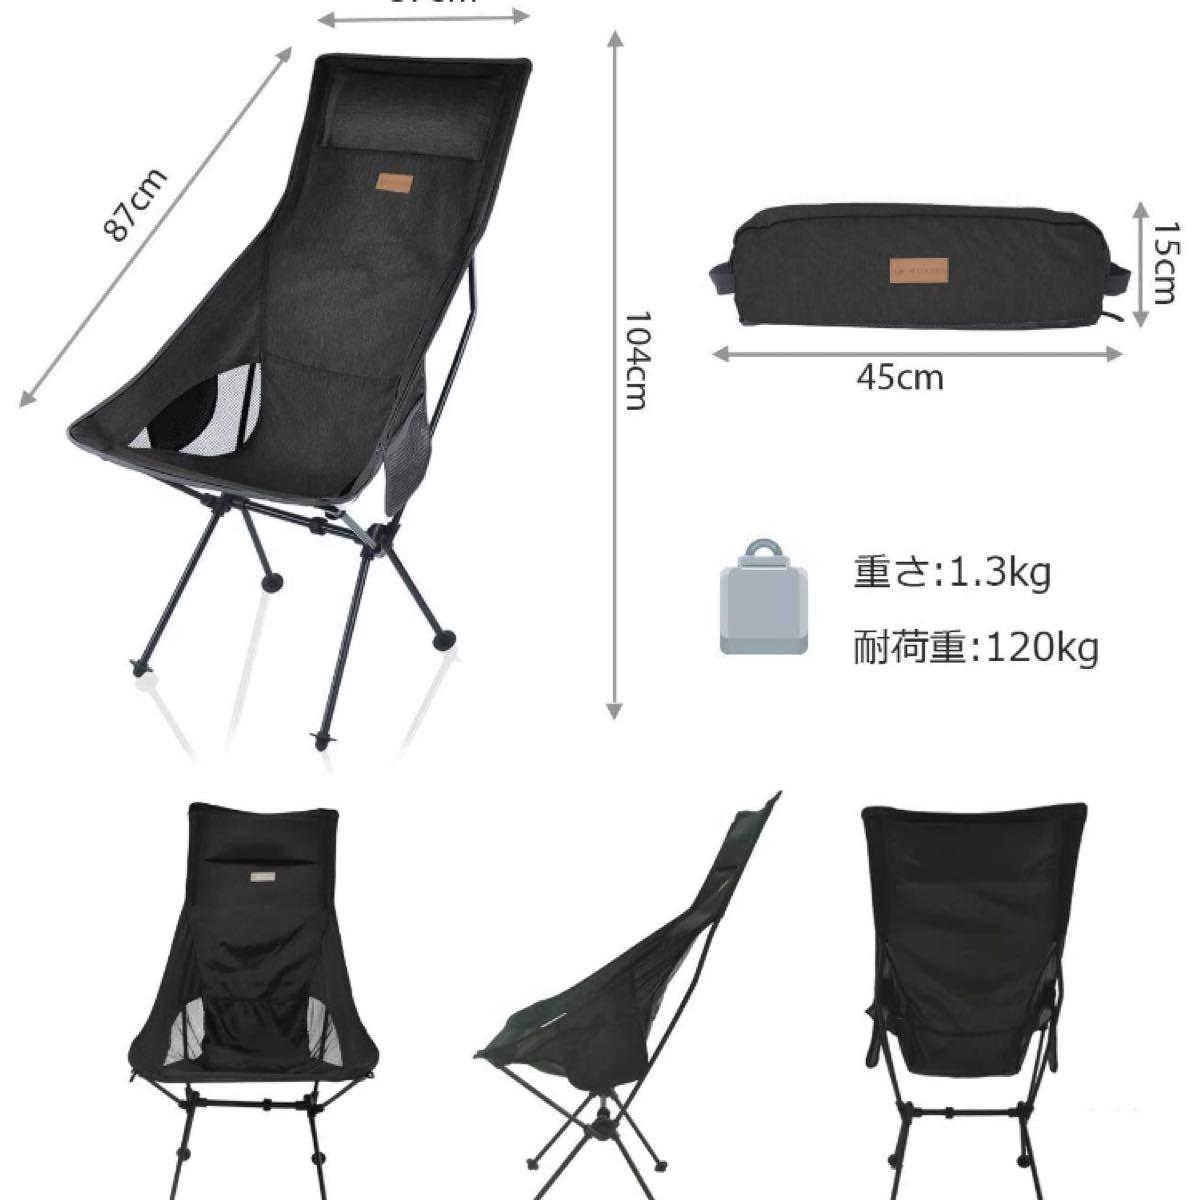 アウトドアチェア ハイバックチェア キャンプ 椅子 両側収納袋付き 超軽量